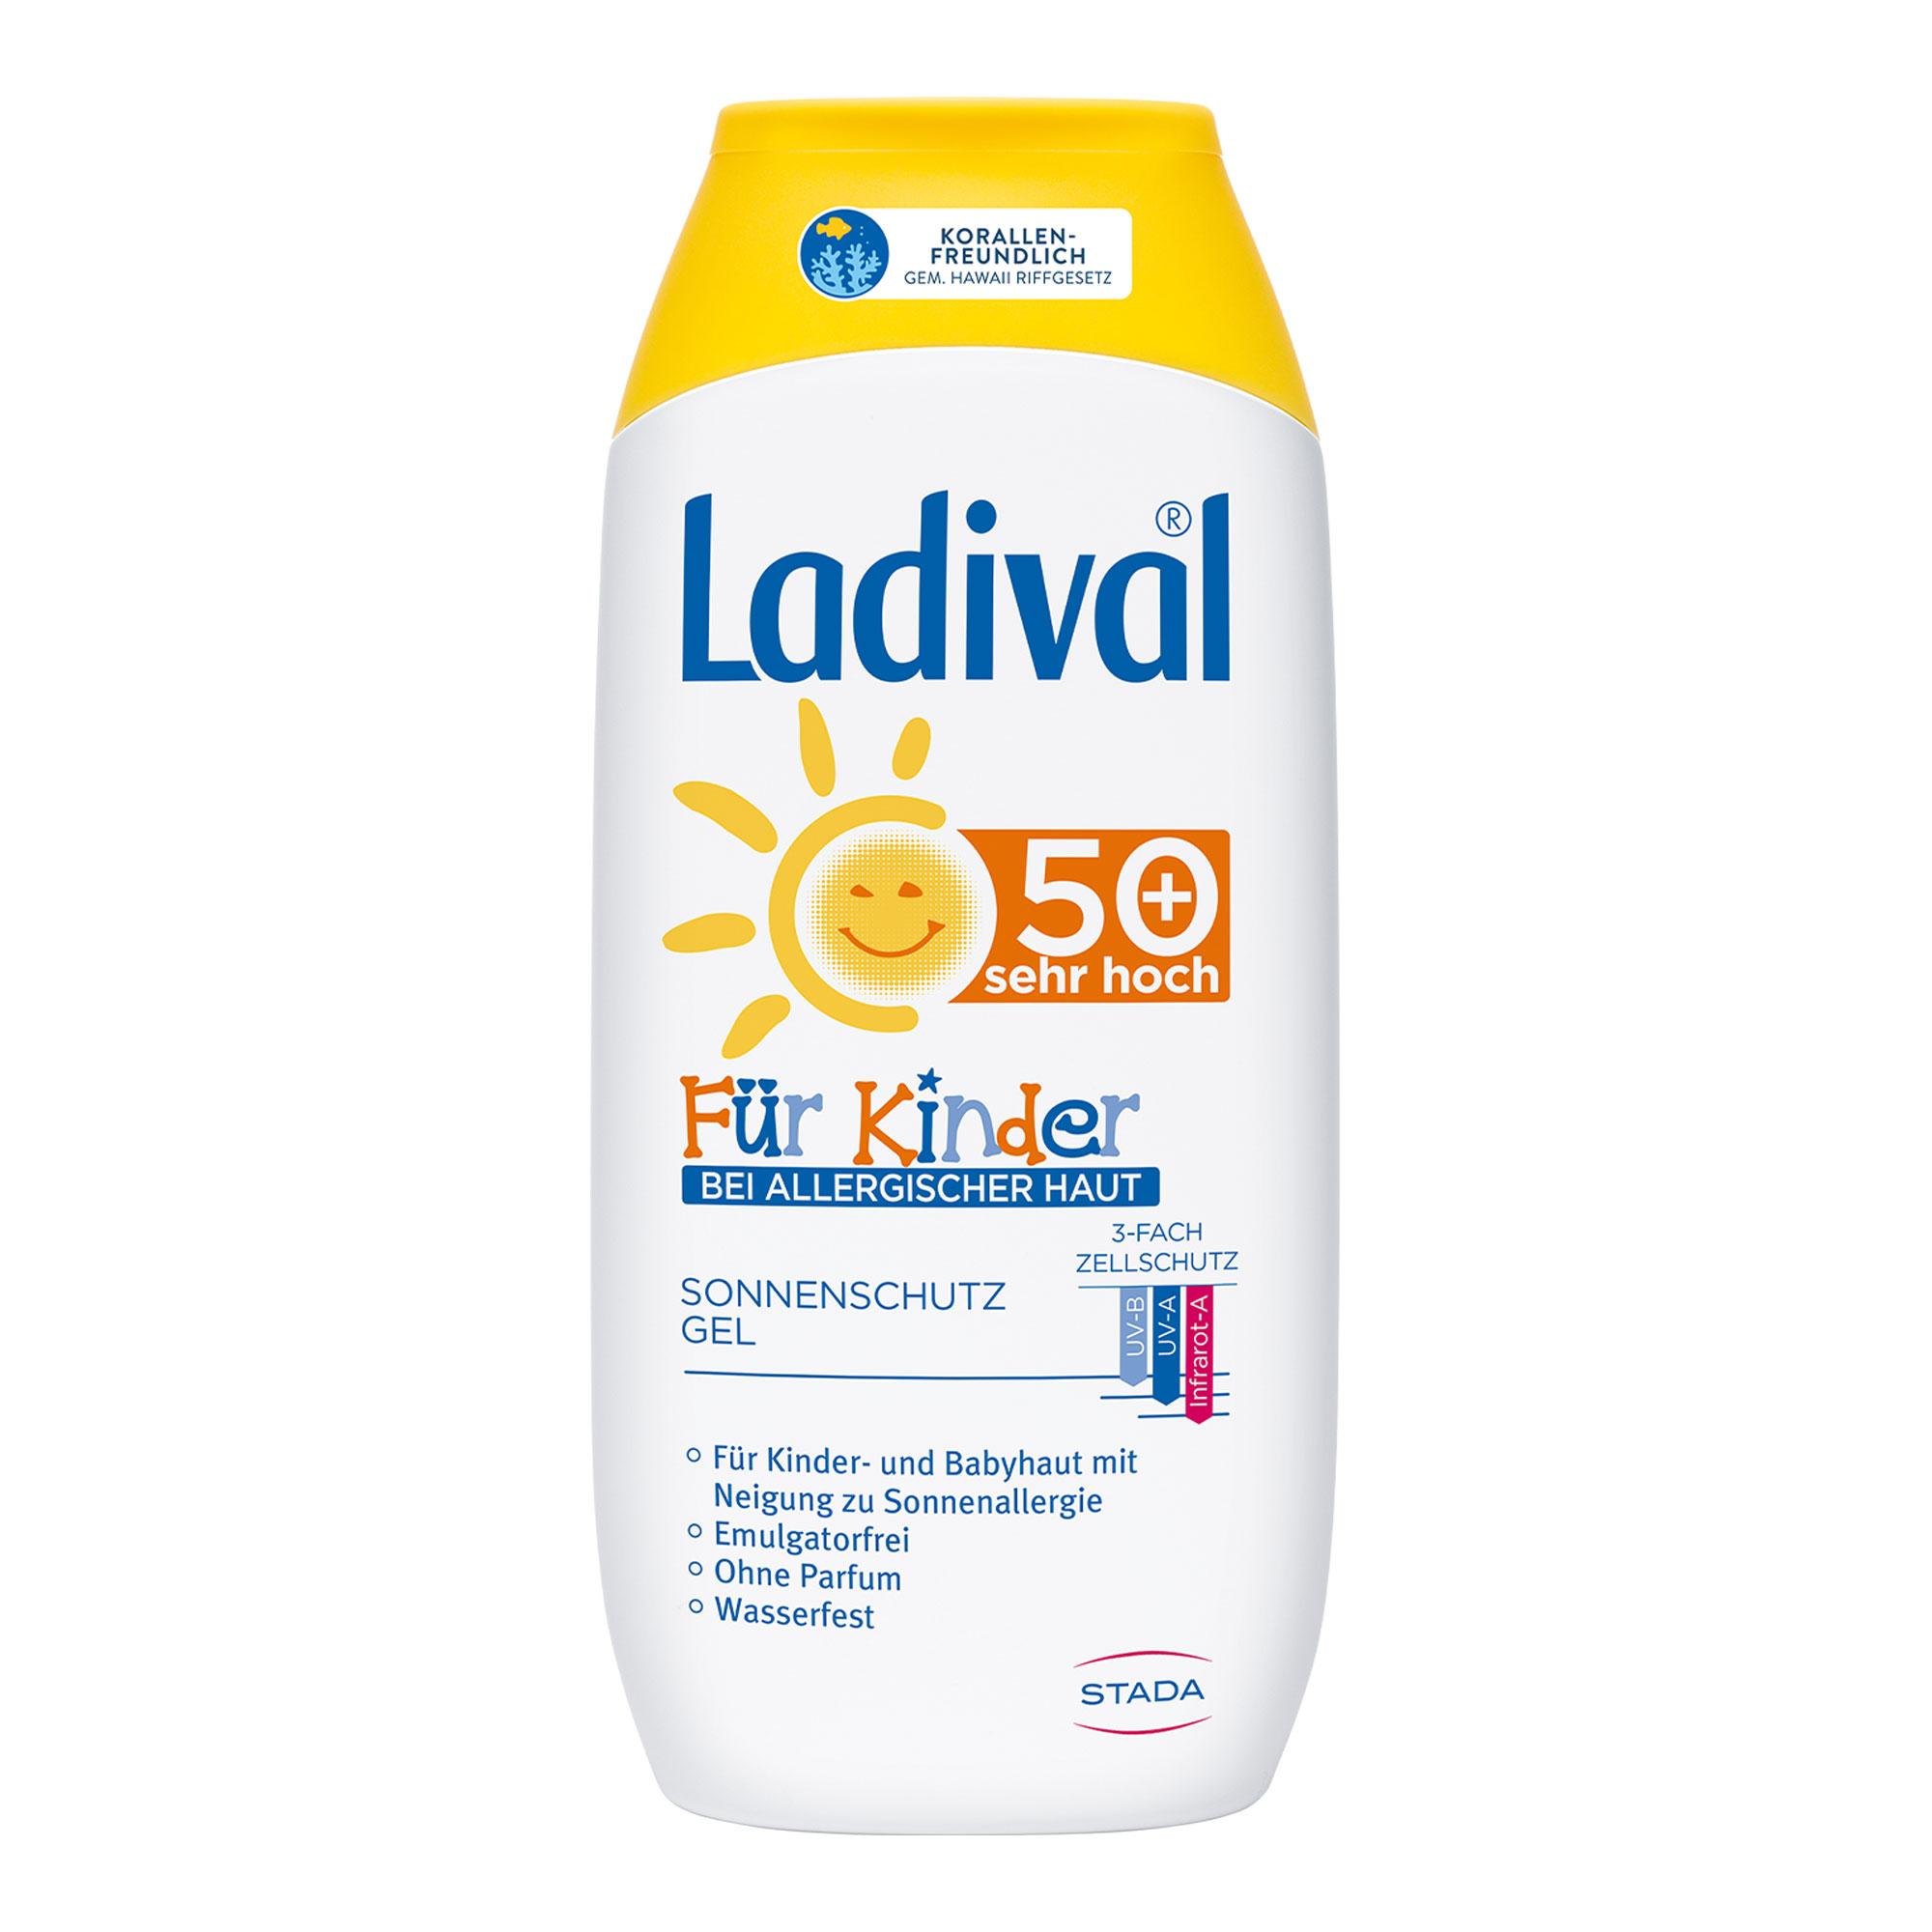 Ladival Sonnenschutz-Gel für Kinder bei allerg. Haut LSF 50+